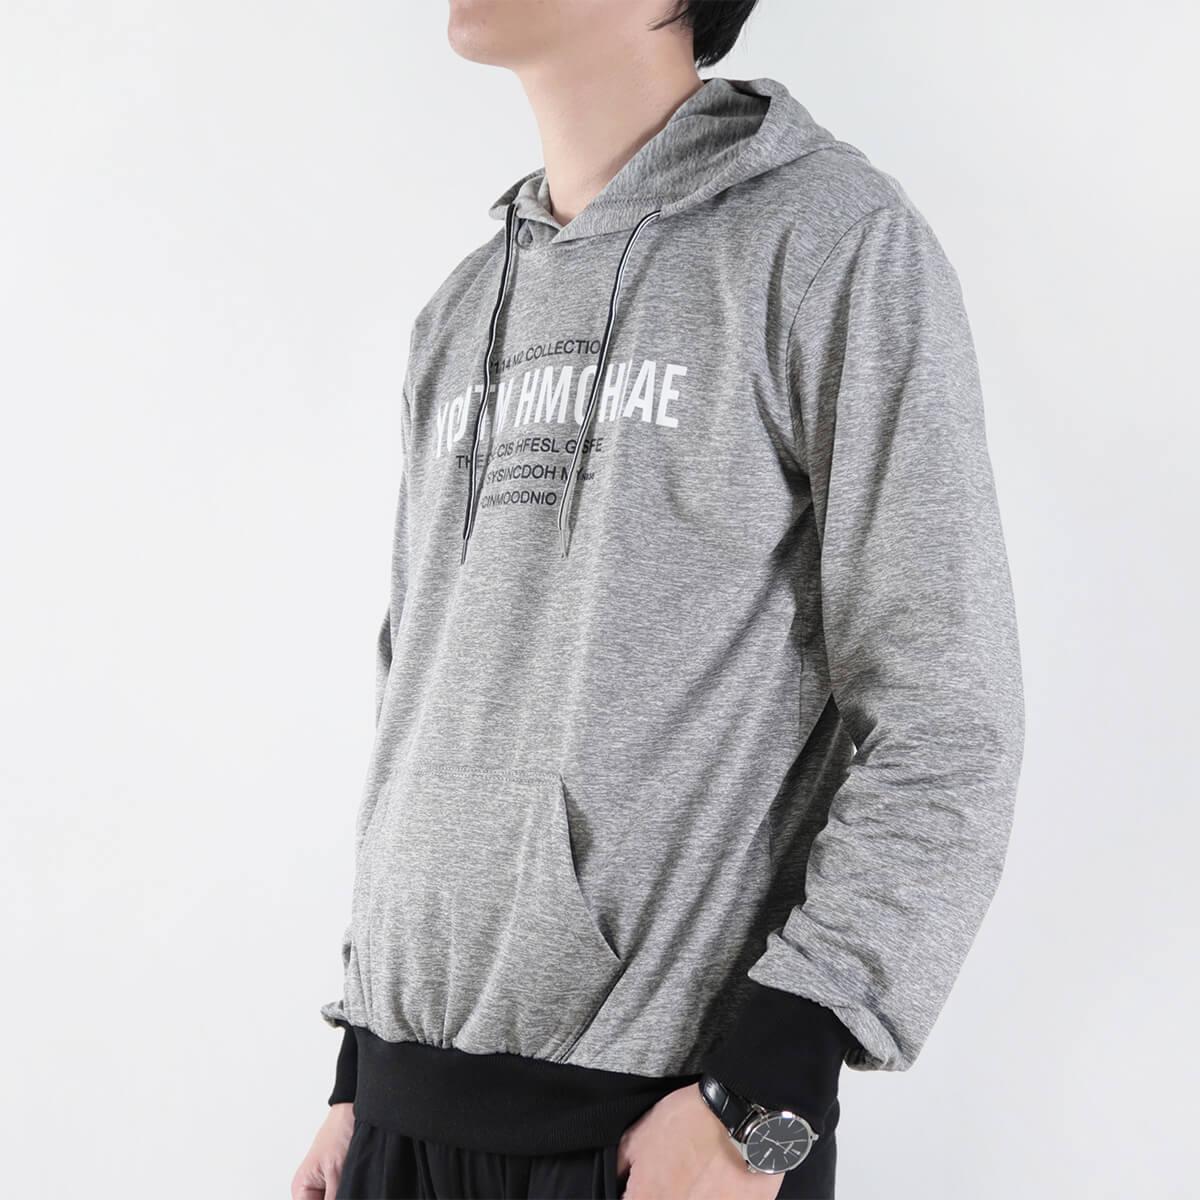 微刷毛紋理保暖帽T 連帽T恤 休閒連帽外套 長袖T恤 帽子T恤 連帽上衣 長袖上衣 休閒長TEE 灰色T恤 黑色T恤 LIGHT FLEECE LINED WARM HOODIE T-shirt (312-6071-21)黑色、(312-6071-22)灰色 XL 單一尺寸(胸圍46~48英吋) [實體店面保障] sun-e 3